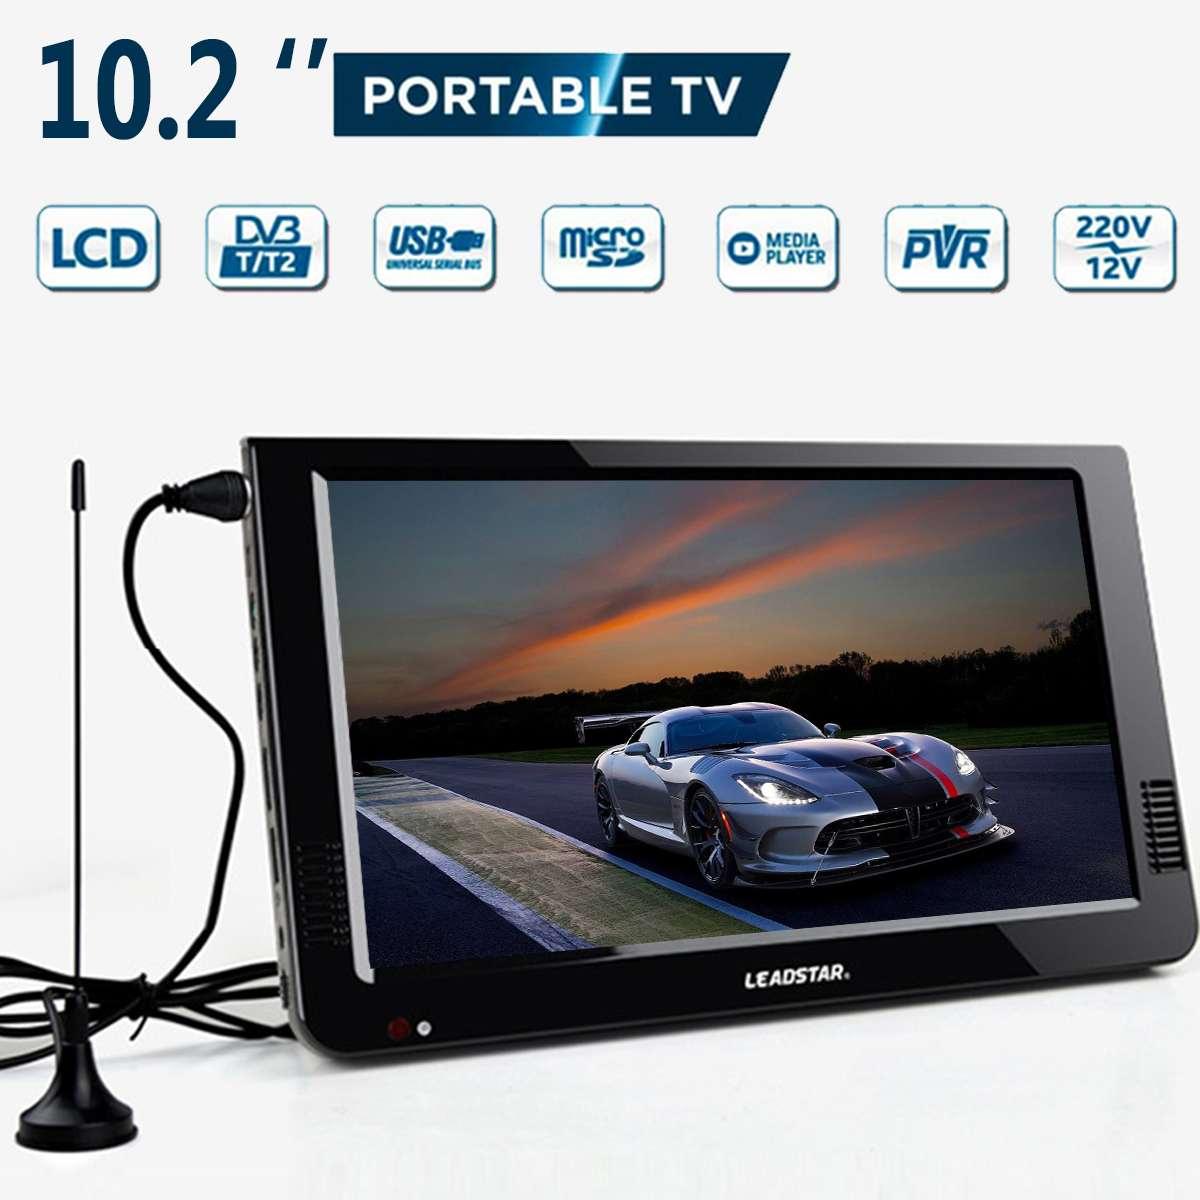 Extérieur 10.2 pouces 12 V Portable numérique analogique télévision DVB-T/DVB-T2 TFT LED HD TV Support TF carte USB Audio voiture télévision